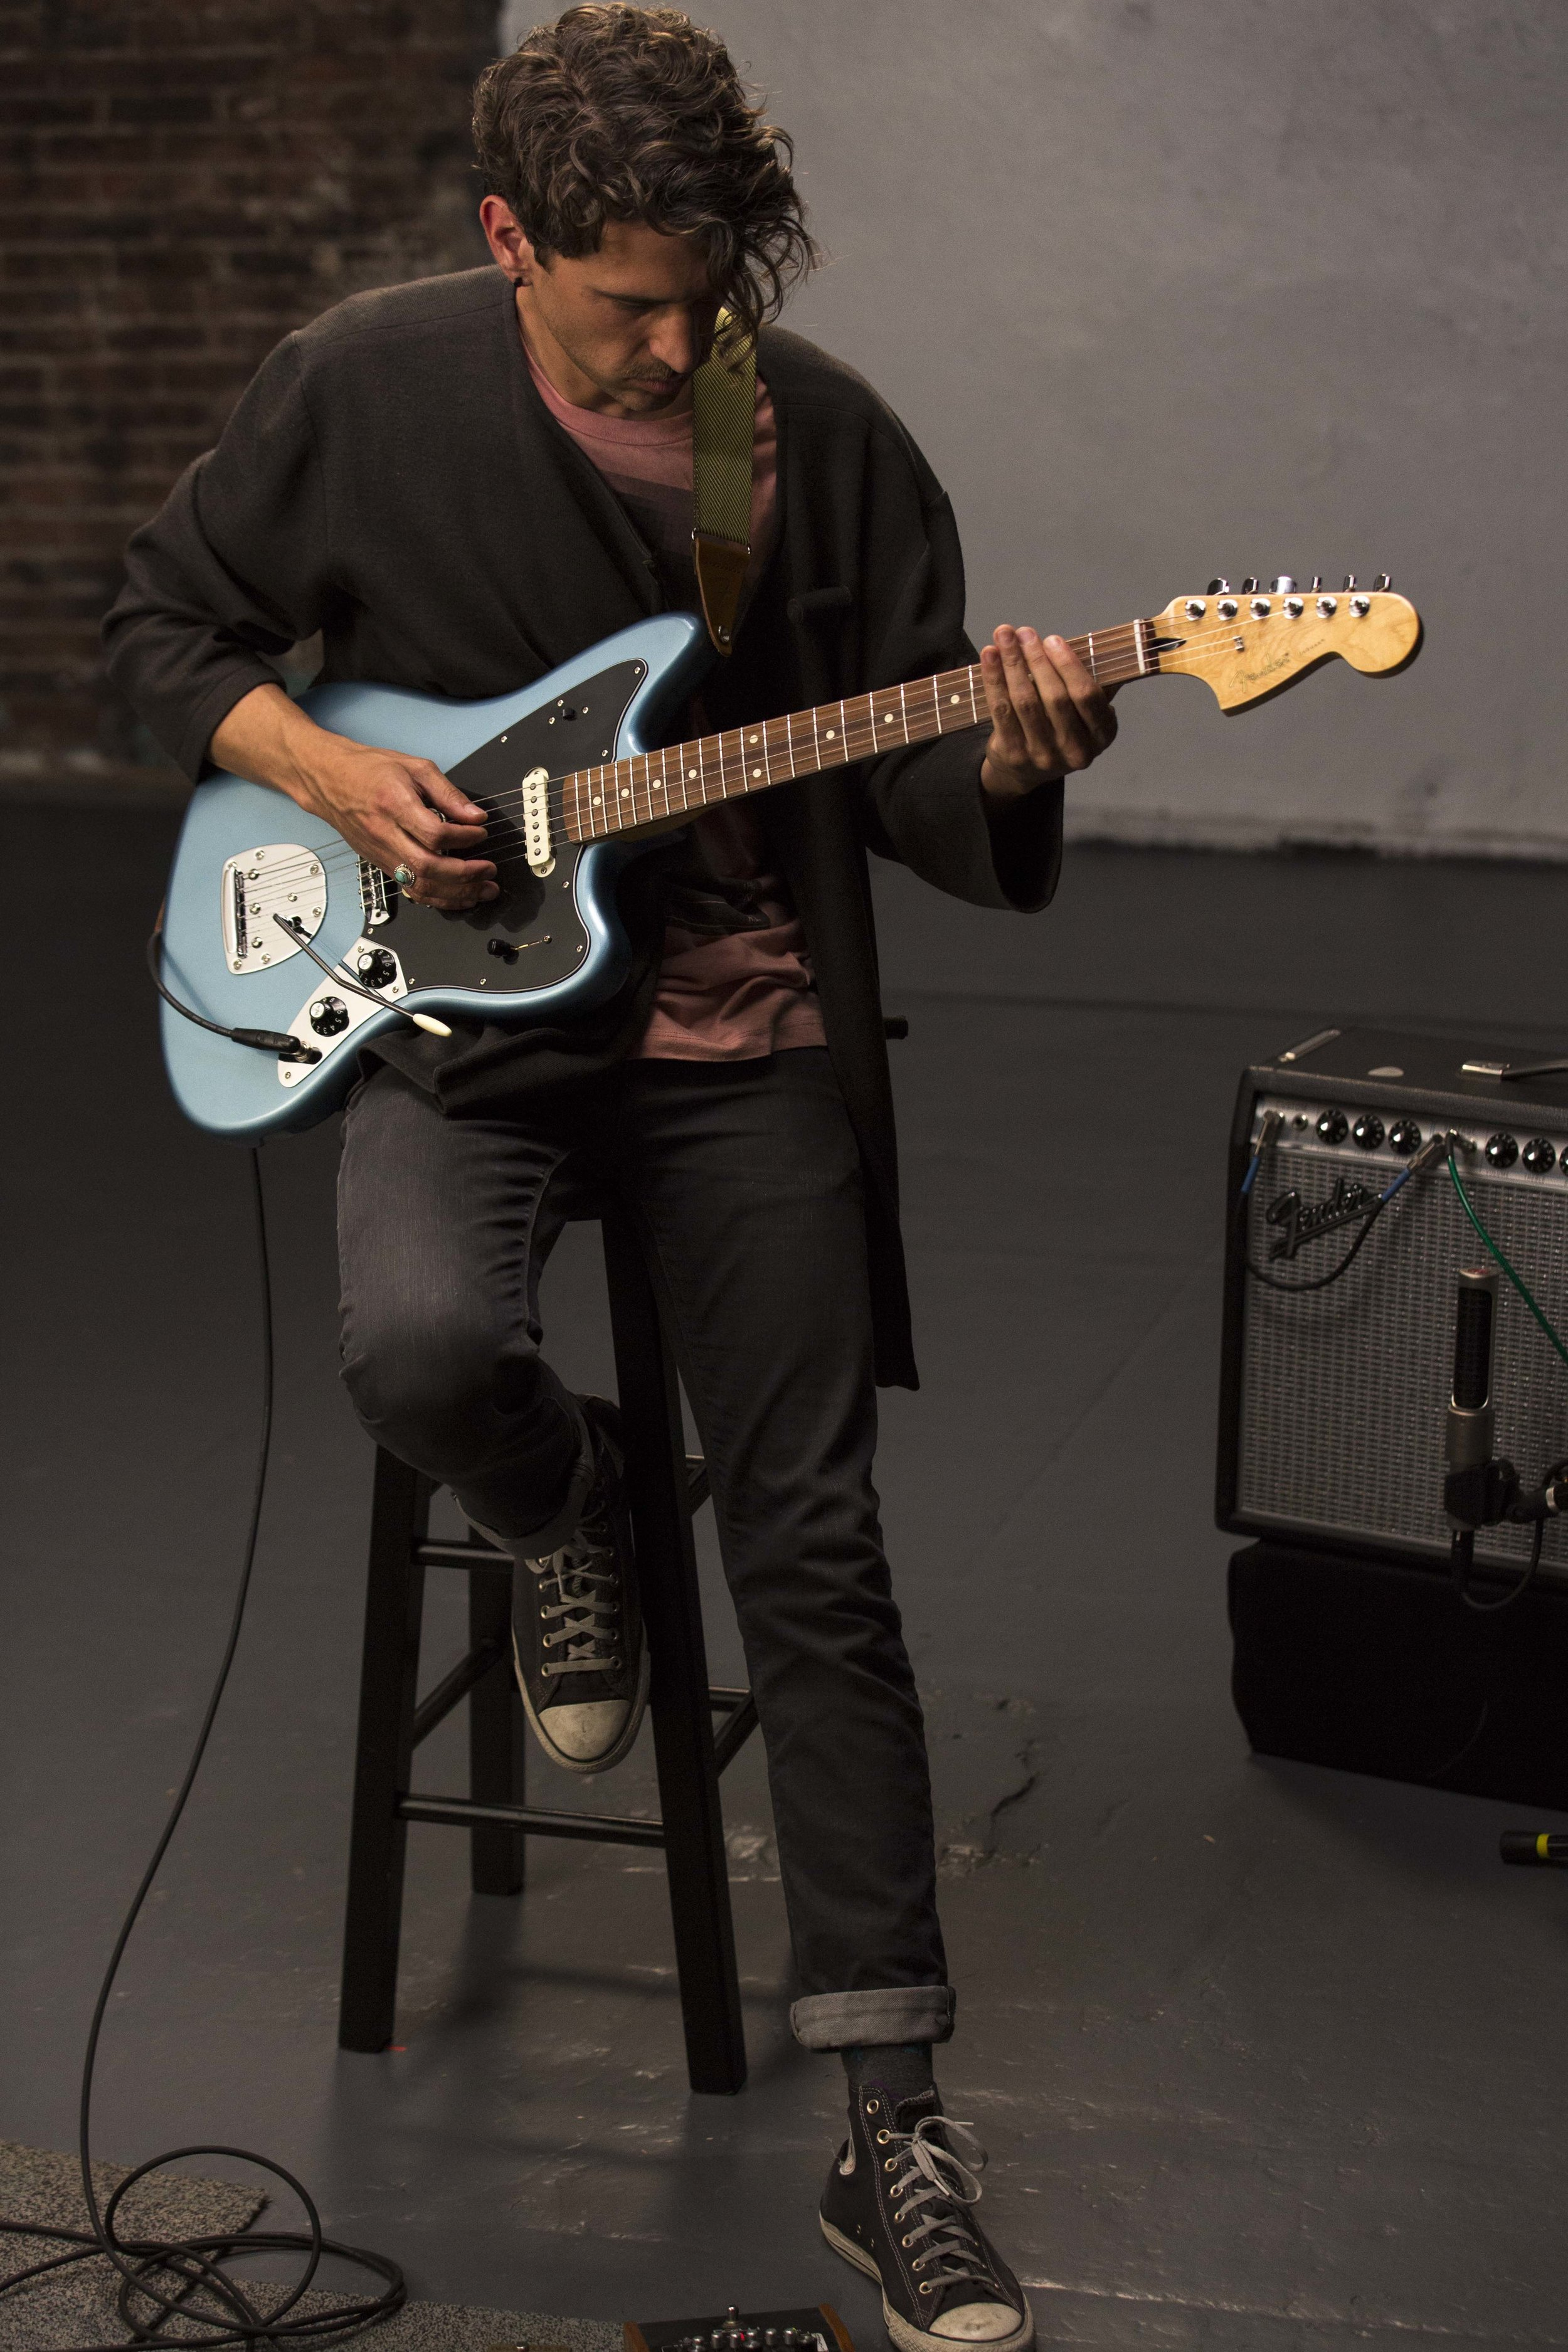 Fender_Player_AV_Lifestyle_91.jpeg